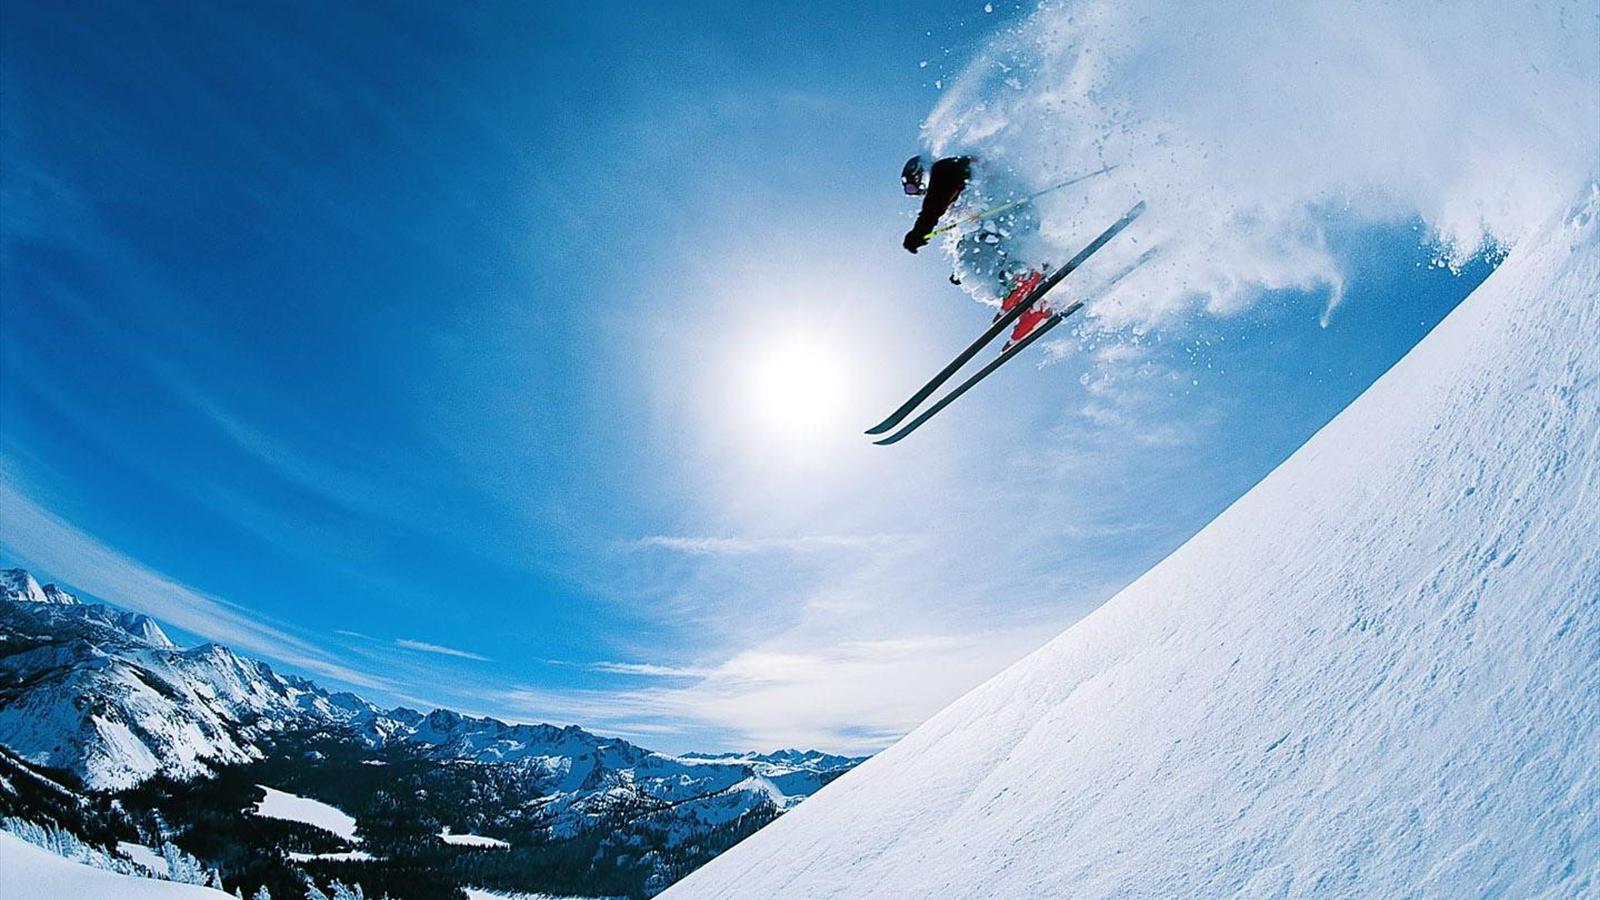 эротика на горнолыжном спорте